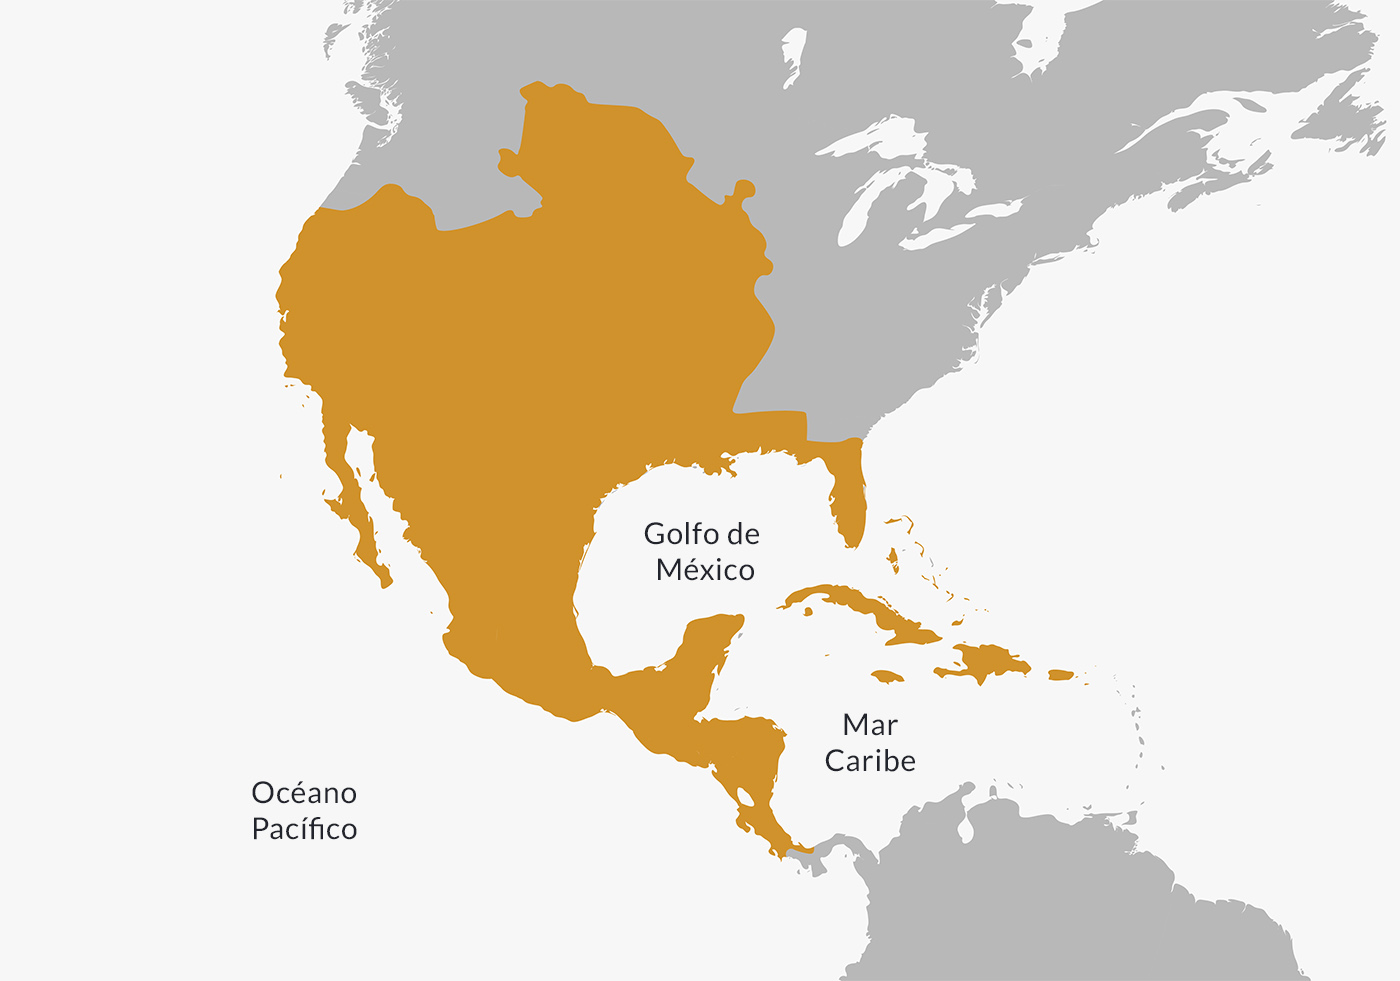 Mapa ubicación del Virreinato de Nueva España.